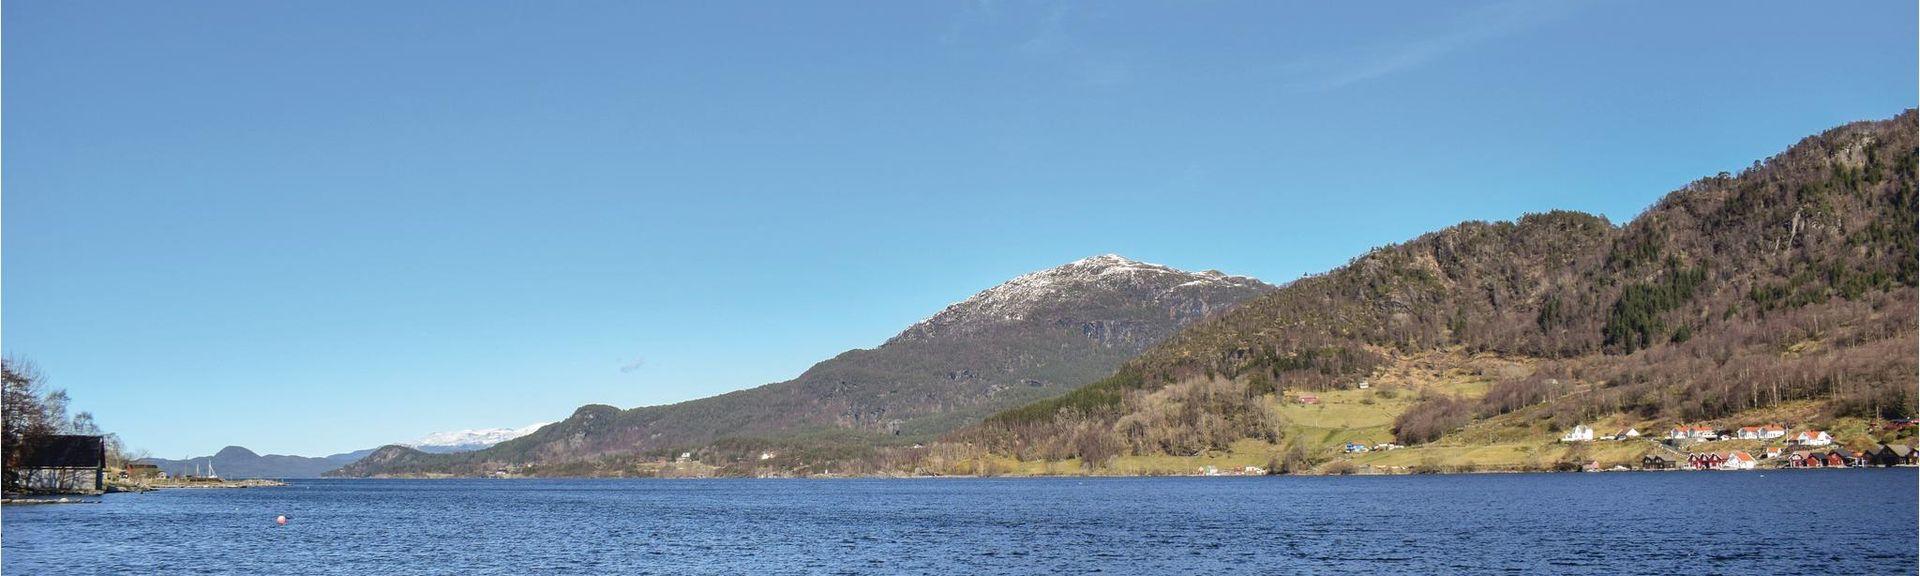 Vindafjord, Norway